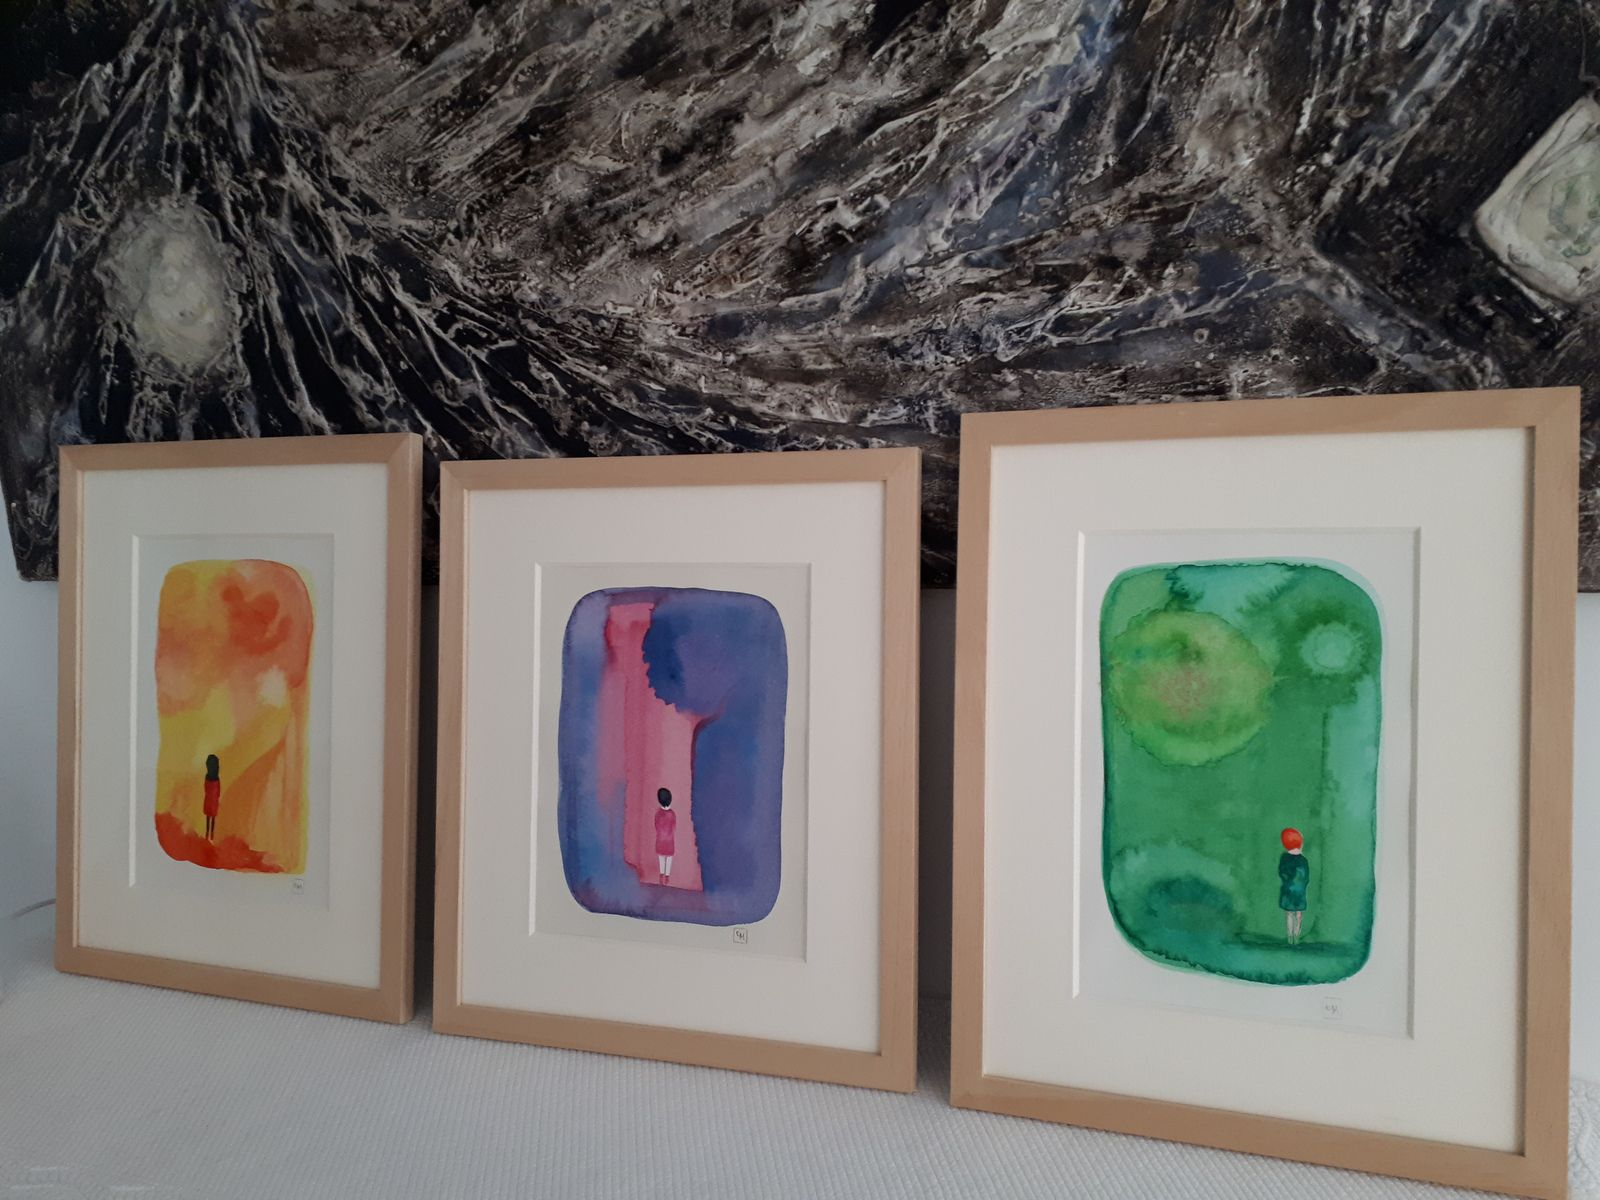 """Les Collages d'eMmA MessanA, 3 collages encadrés de la série """"Où vont les filles ?"""", exemplaires uniques © eMmA MessanA"""